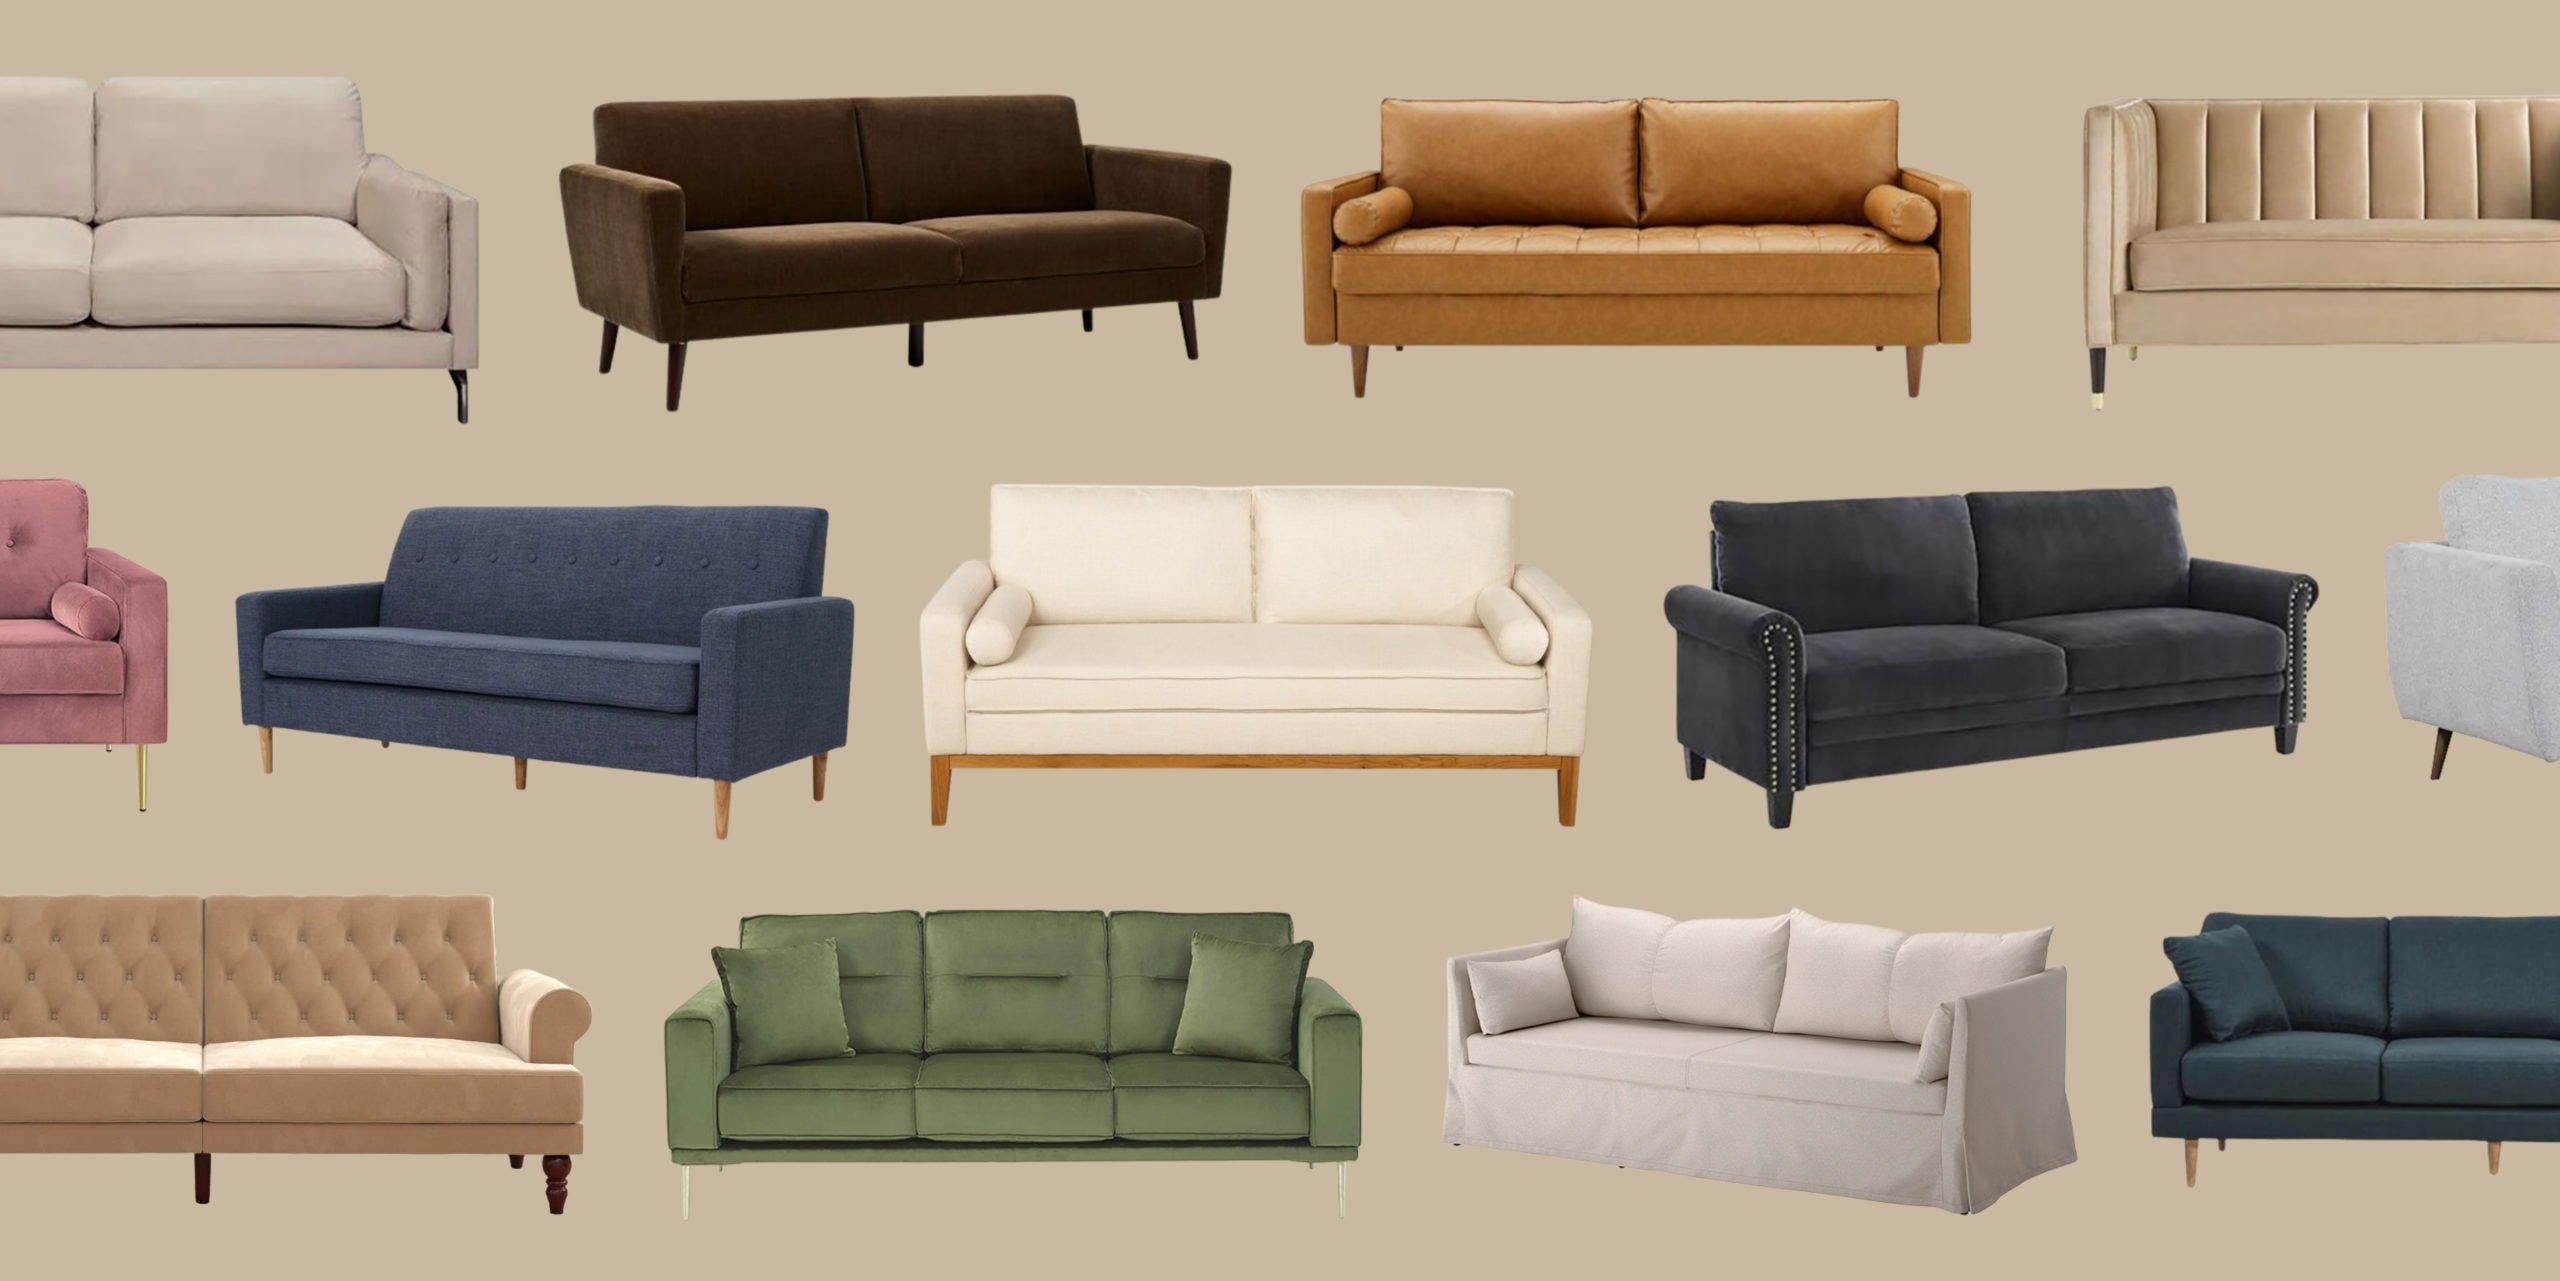 The 15 Best Bobby-Approved Sofas Under $500 - Bobby Berk